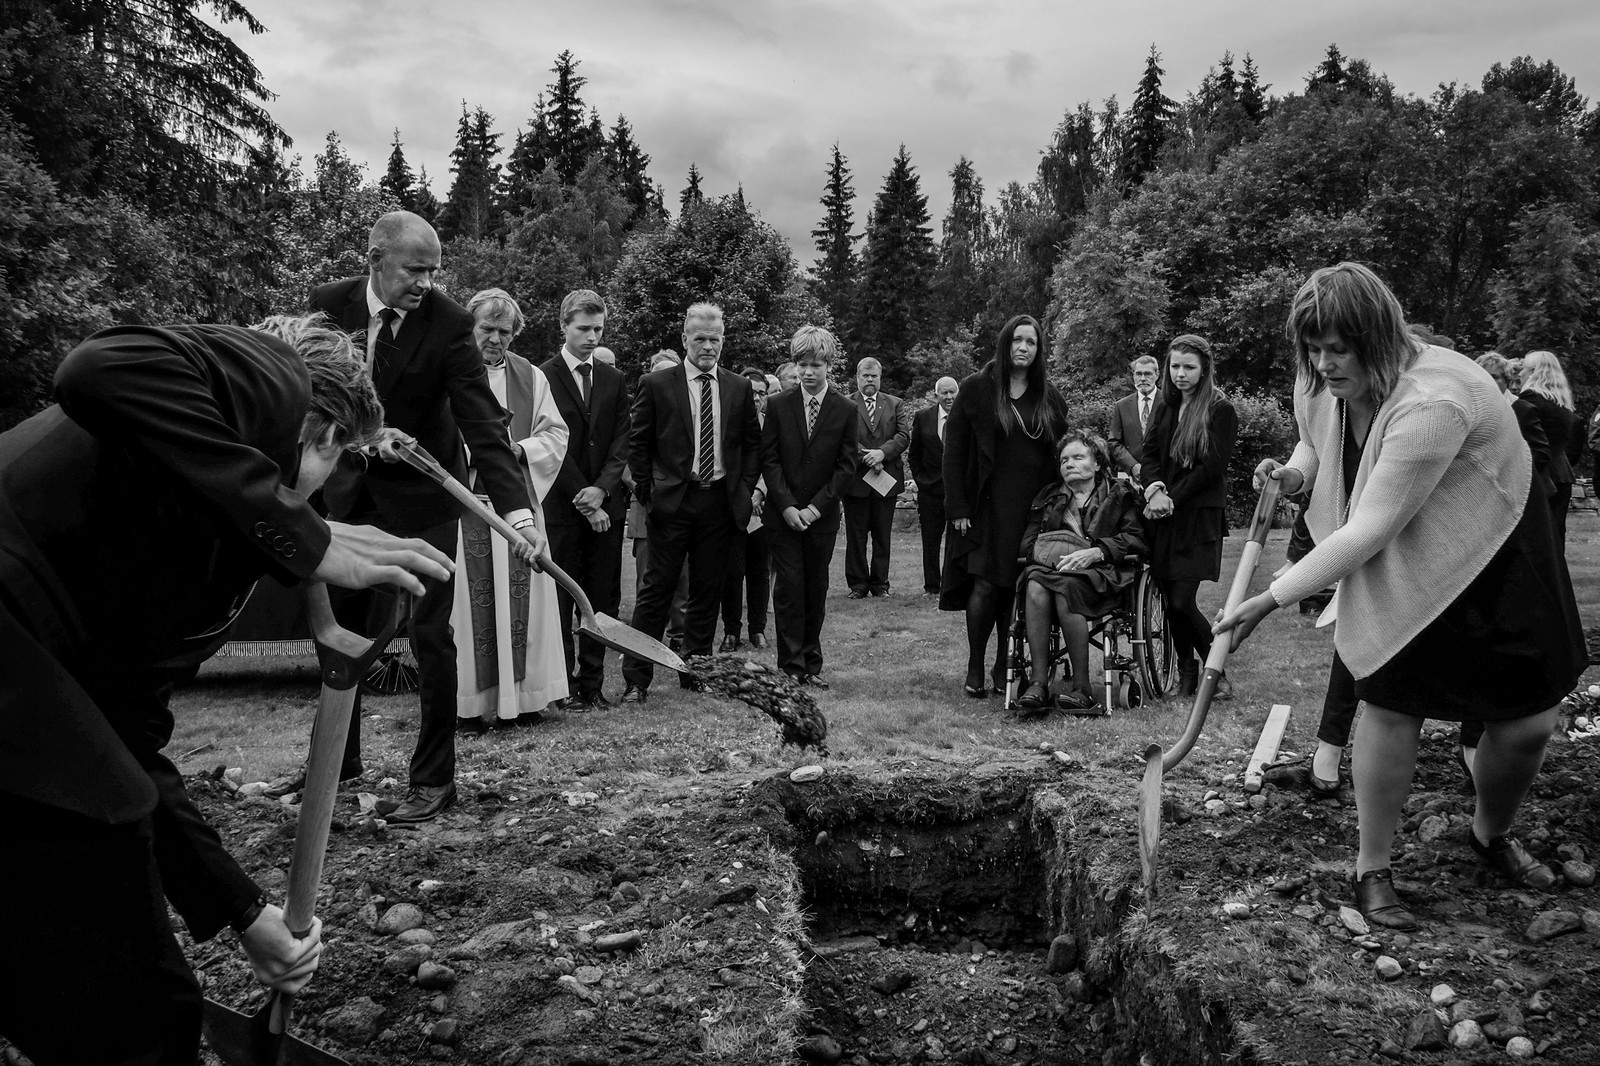 1. pris dagligliv i Norge: 16. juli kl. 14.15 ble min far gravlagt i Øyer i Gudbrandsdalen. Min far var mørkredd. Derfor hoiet han alltid før han rundet hushjørnet hjemme. Hvis det var noen på den andre siden som ville skremme han, skremte han dem like gjerne først. Og det slo meg i dag, da vi hadde sunget høyt og grått stille. Da vi senket han ned og la jord over kisten. Han hadde rundet hjørnet for aller siste gang. Jeg tror ingen hørte det, men jeg hoiet litt, jeg. Presten i Øyer har innført en gammel tradisjon om at bygdefolket skal gravlegge bygdas beboere. Etter at vi nærmeste pårørende hadde tatt de første spadetakene, ble vi avløst av venner, naboer og bekjente av min far. Sammen dekket vi til graven. Det hele var rart der og da, men jeg tror bygdefolket som stod min far nær, fikk tatt farvel på en fin måte. Juryens begrunnelse: En personlig og uventet historie. Vi har aldri sett at familien til avdøde selv tar spadetakene i en begravelse. Det gjør at vi stopper opp og dveler ved dette bildet.